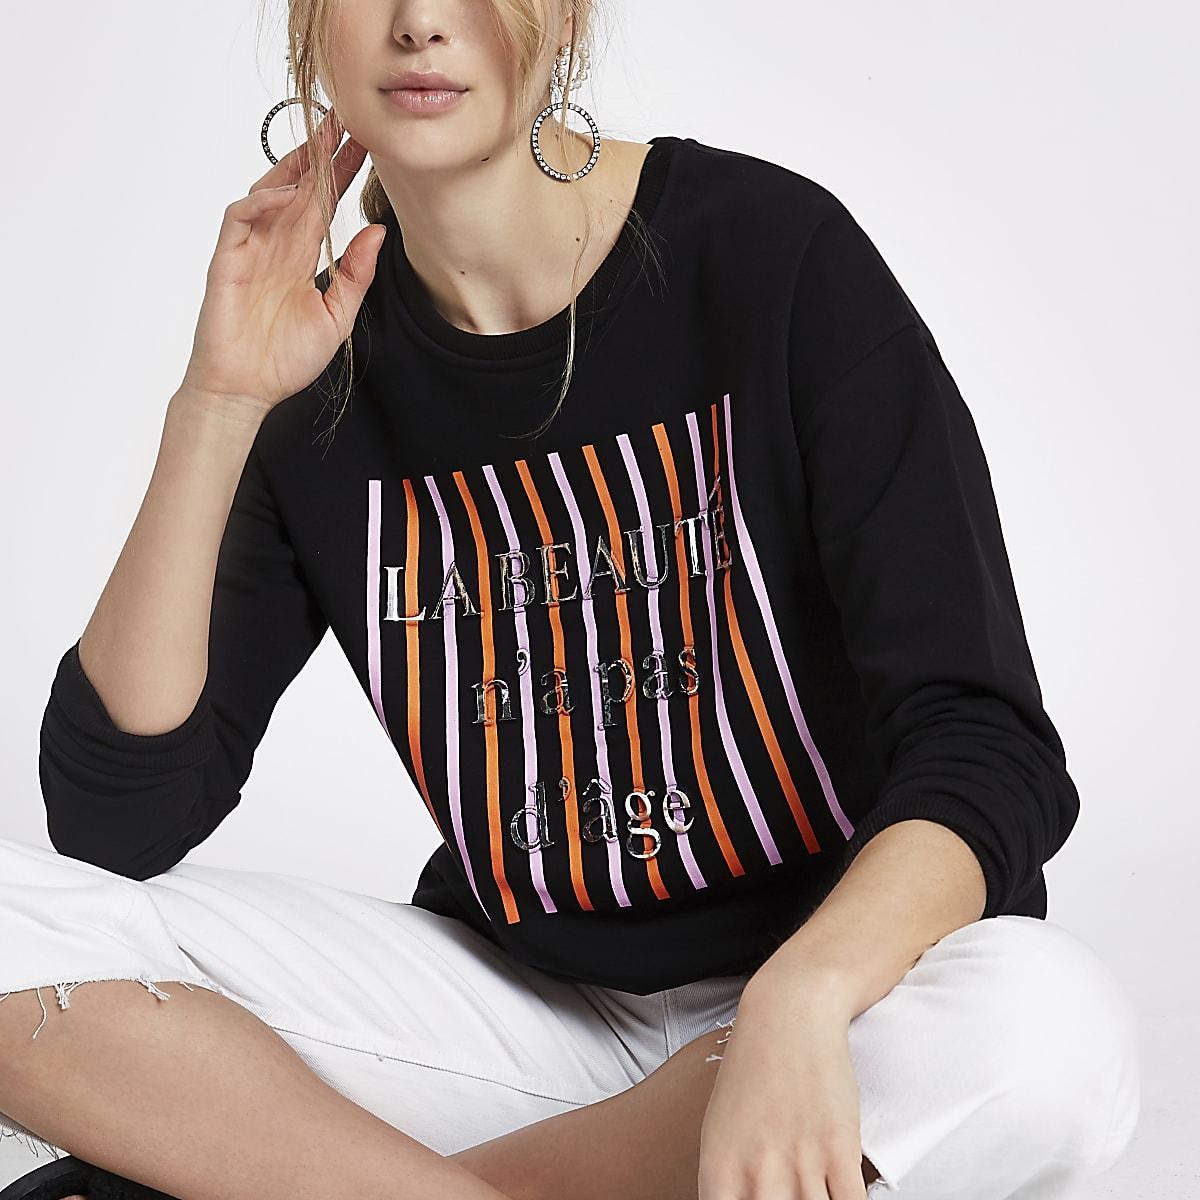 Zwart sweatshirt met 'la beaute'-print in reliëf